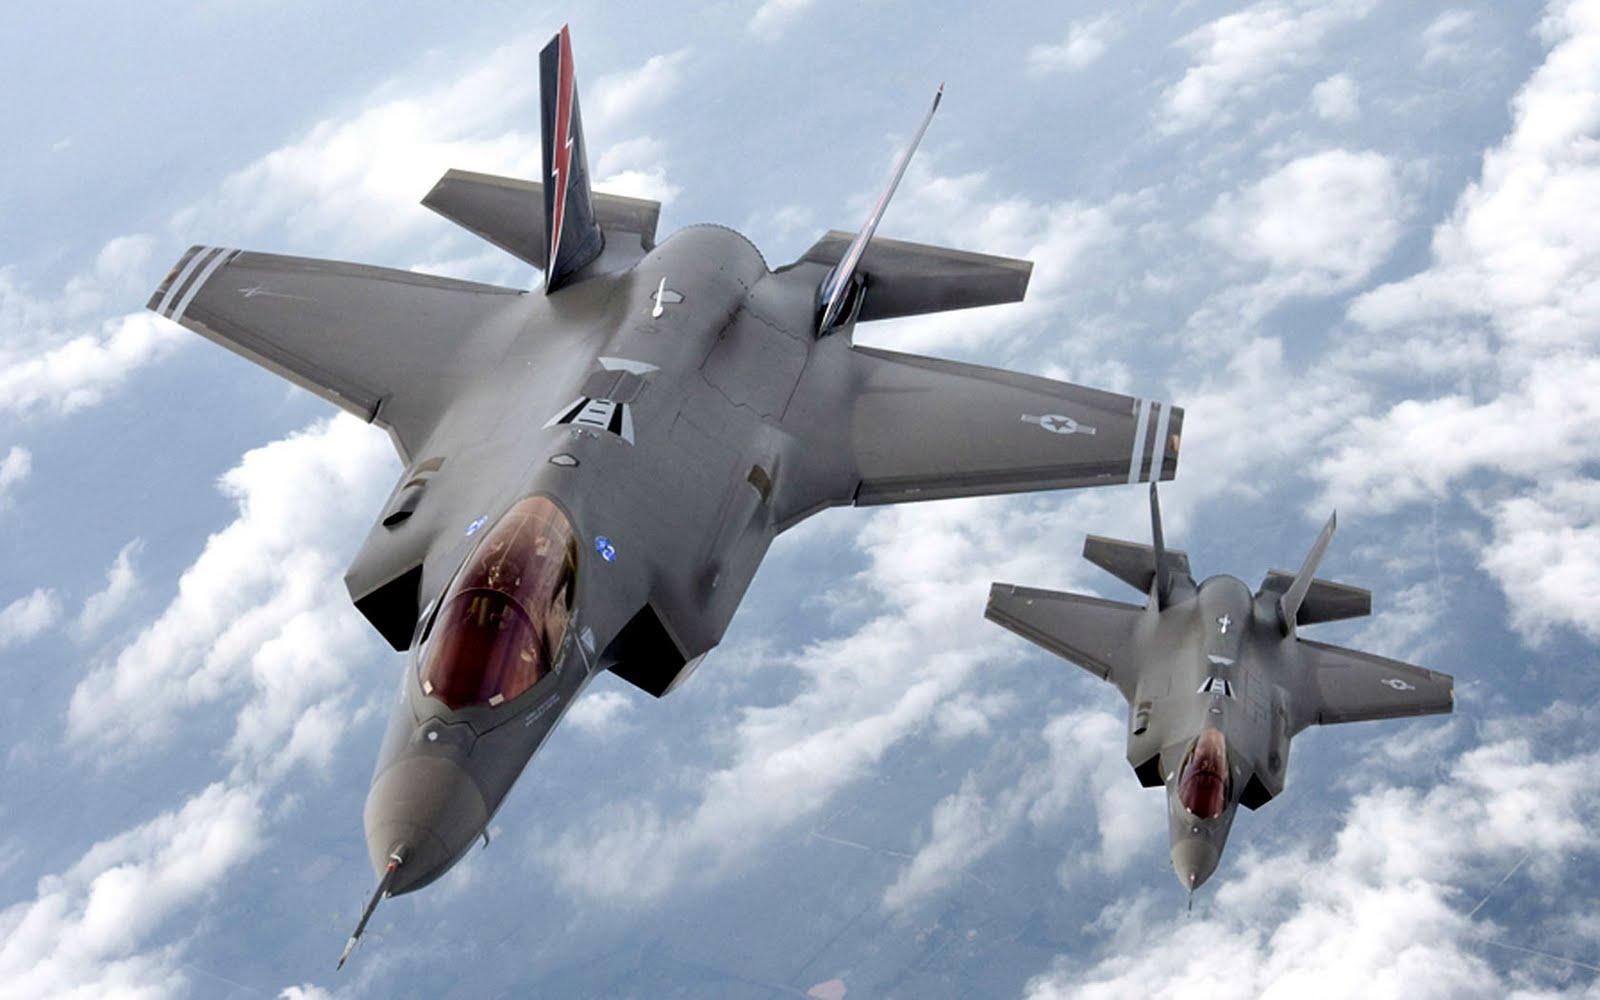 말 나온 김에 F-35 가격 하락 가속화